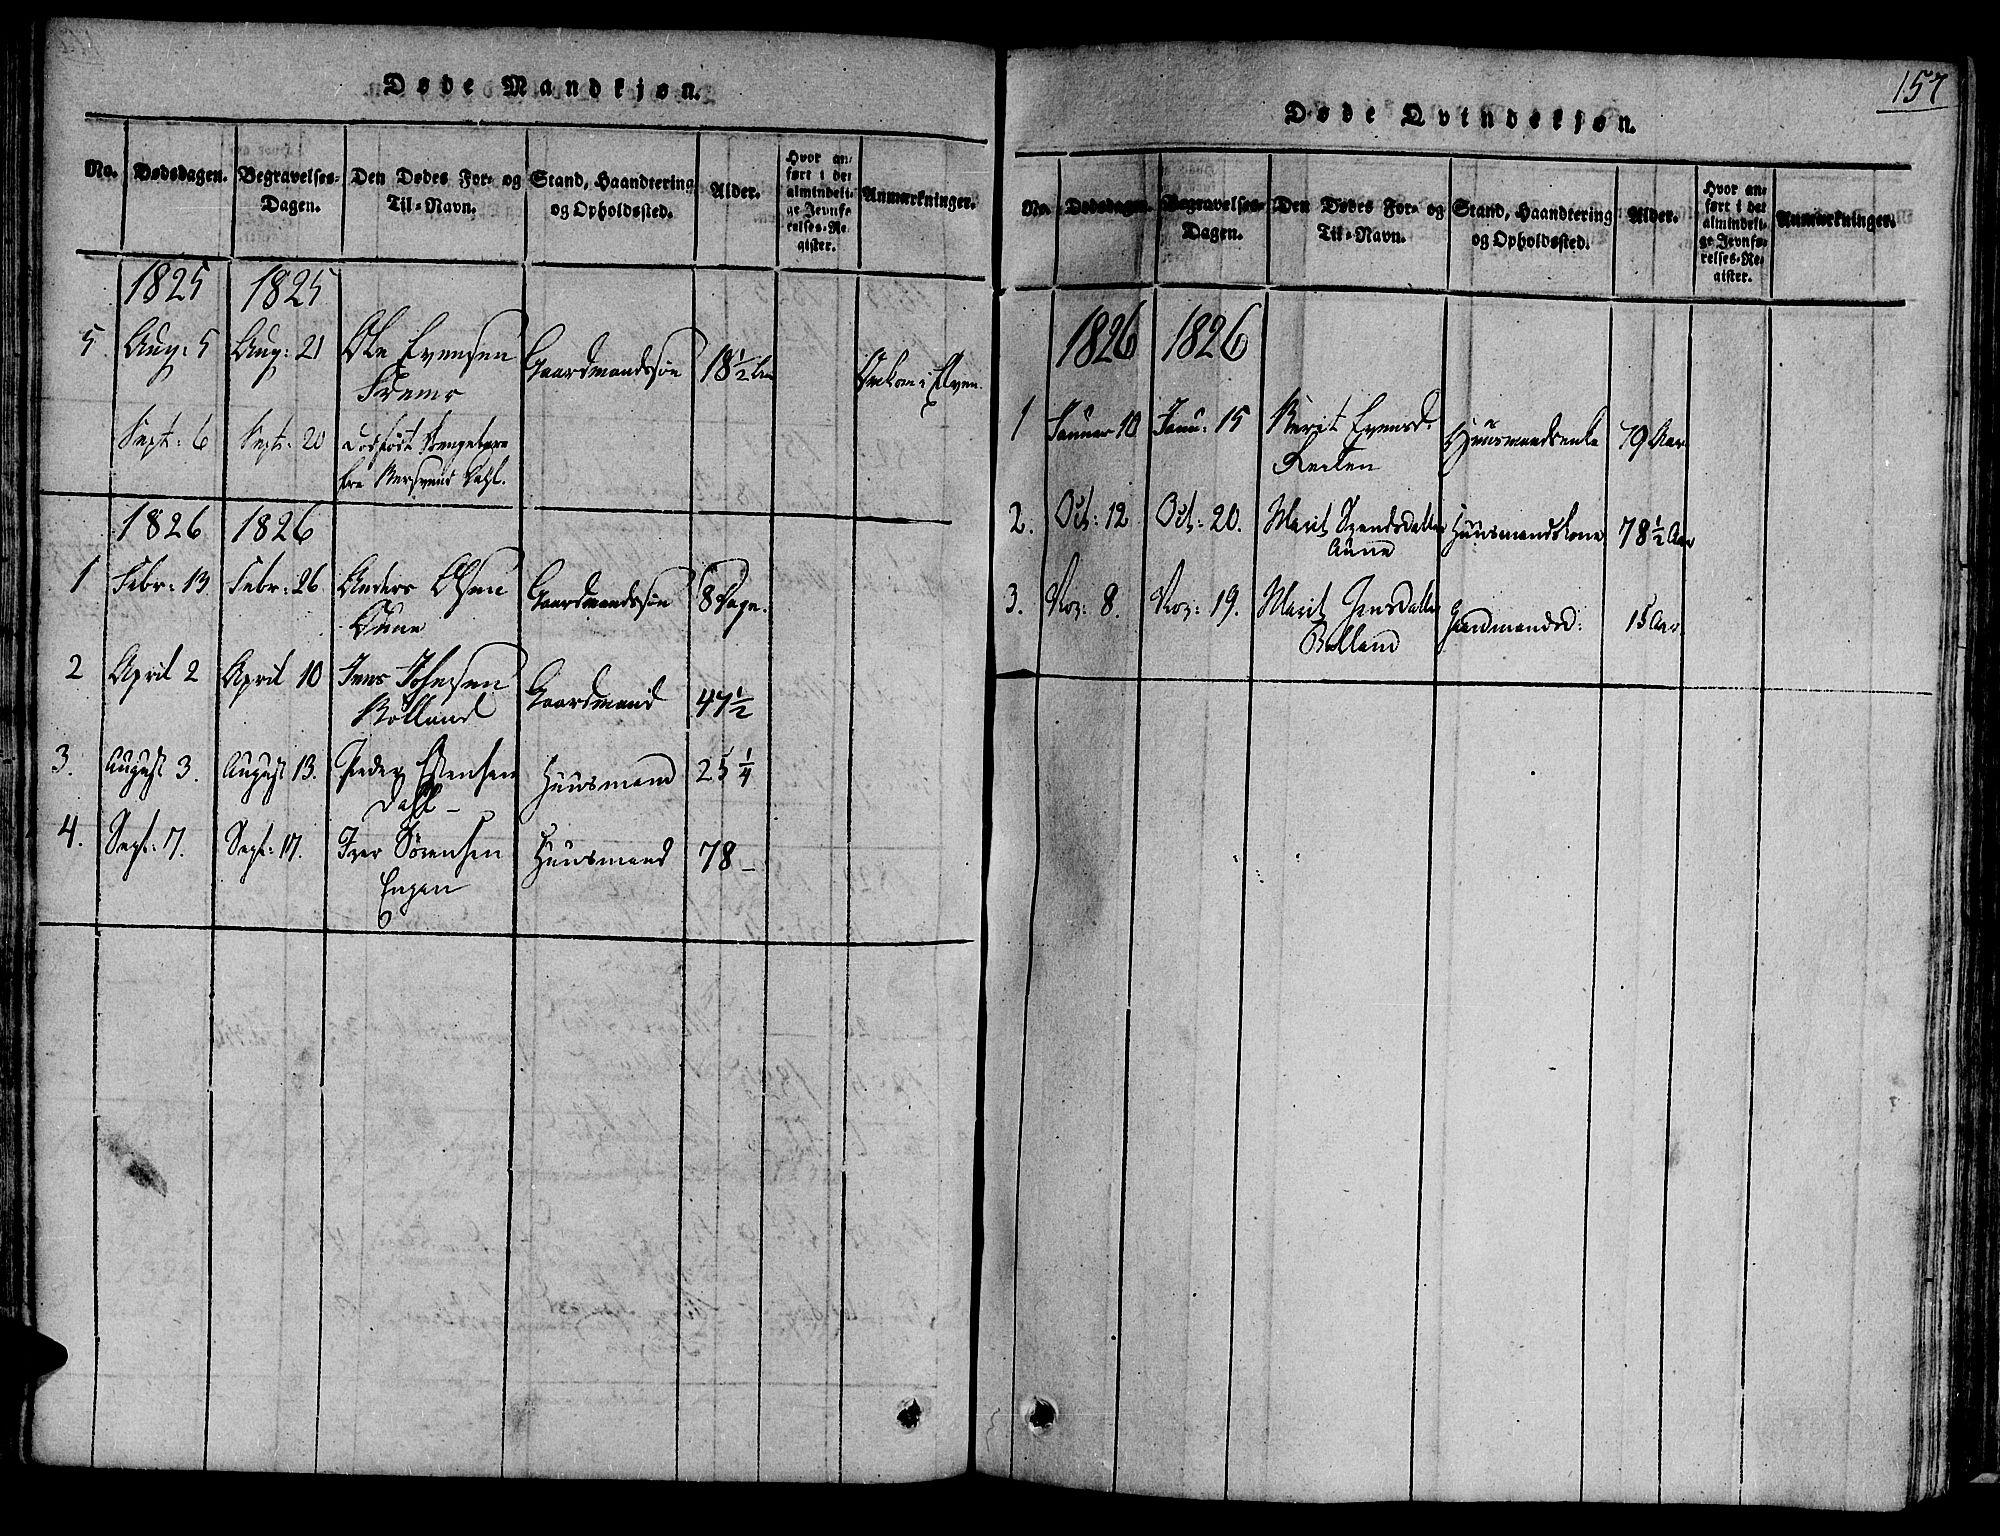 SAT, Ministerialprotokoller, klokkerbøker og fødselsregistre - Sør-Trøndelag, 691/L1066: Ministerialbok nr. 691A03 /2, 1816-1826, s. 157